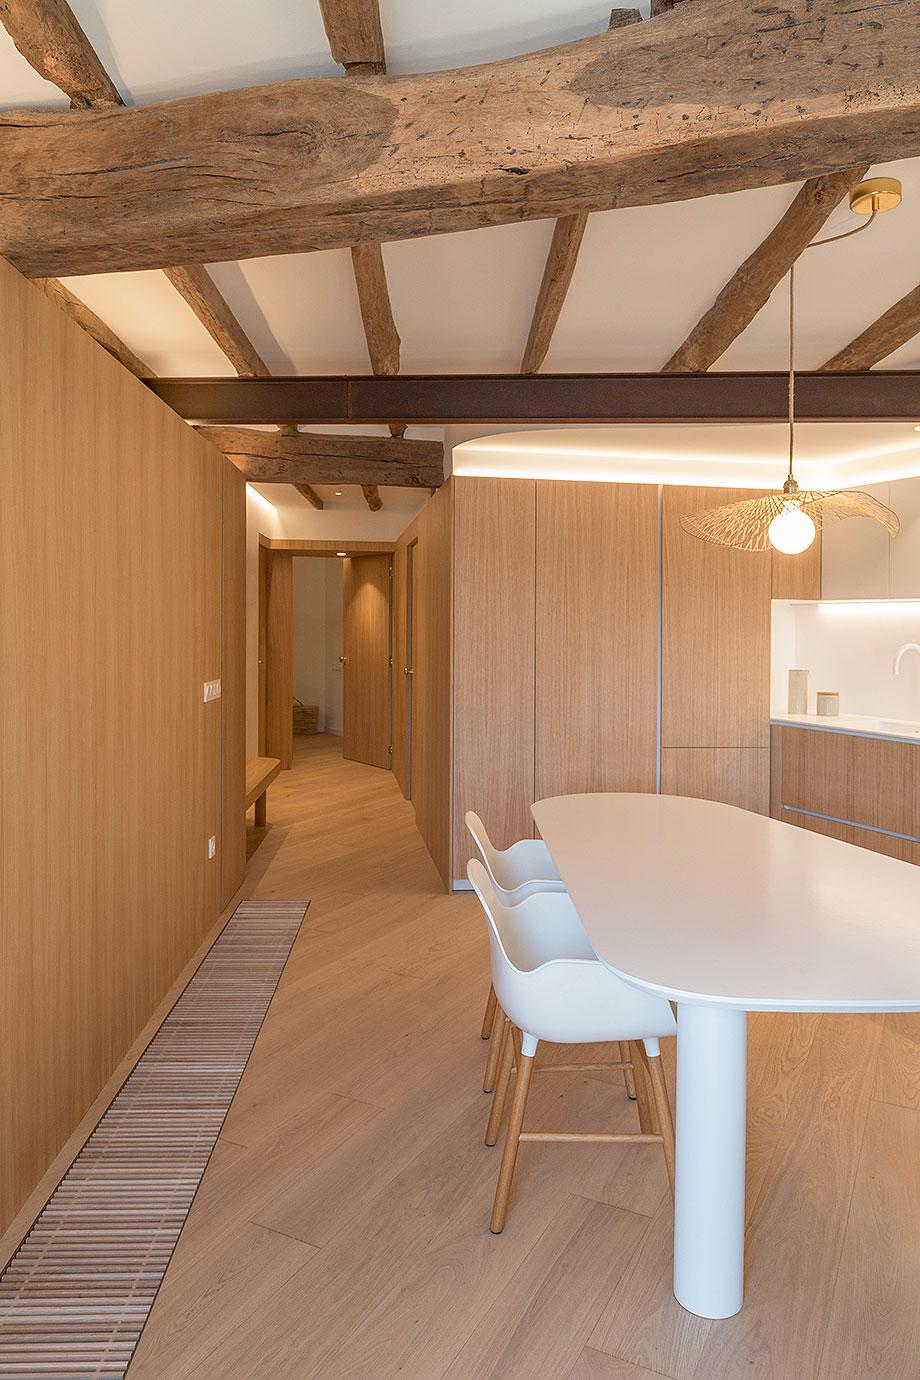 casa kaia de amaia arana arkitektura (6) - foto iñaki guridi de mitiko estudio